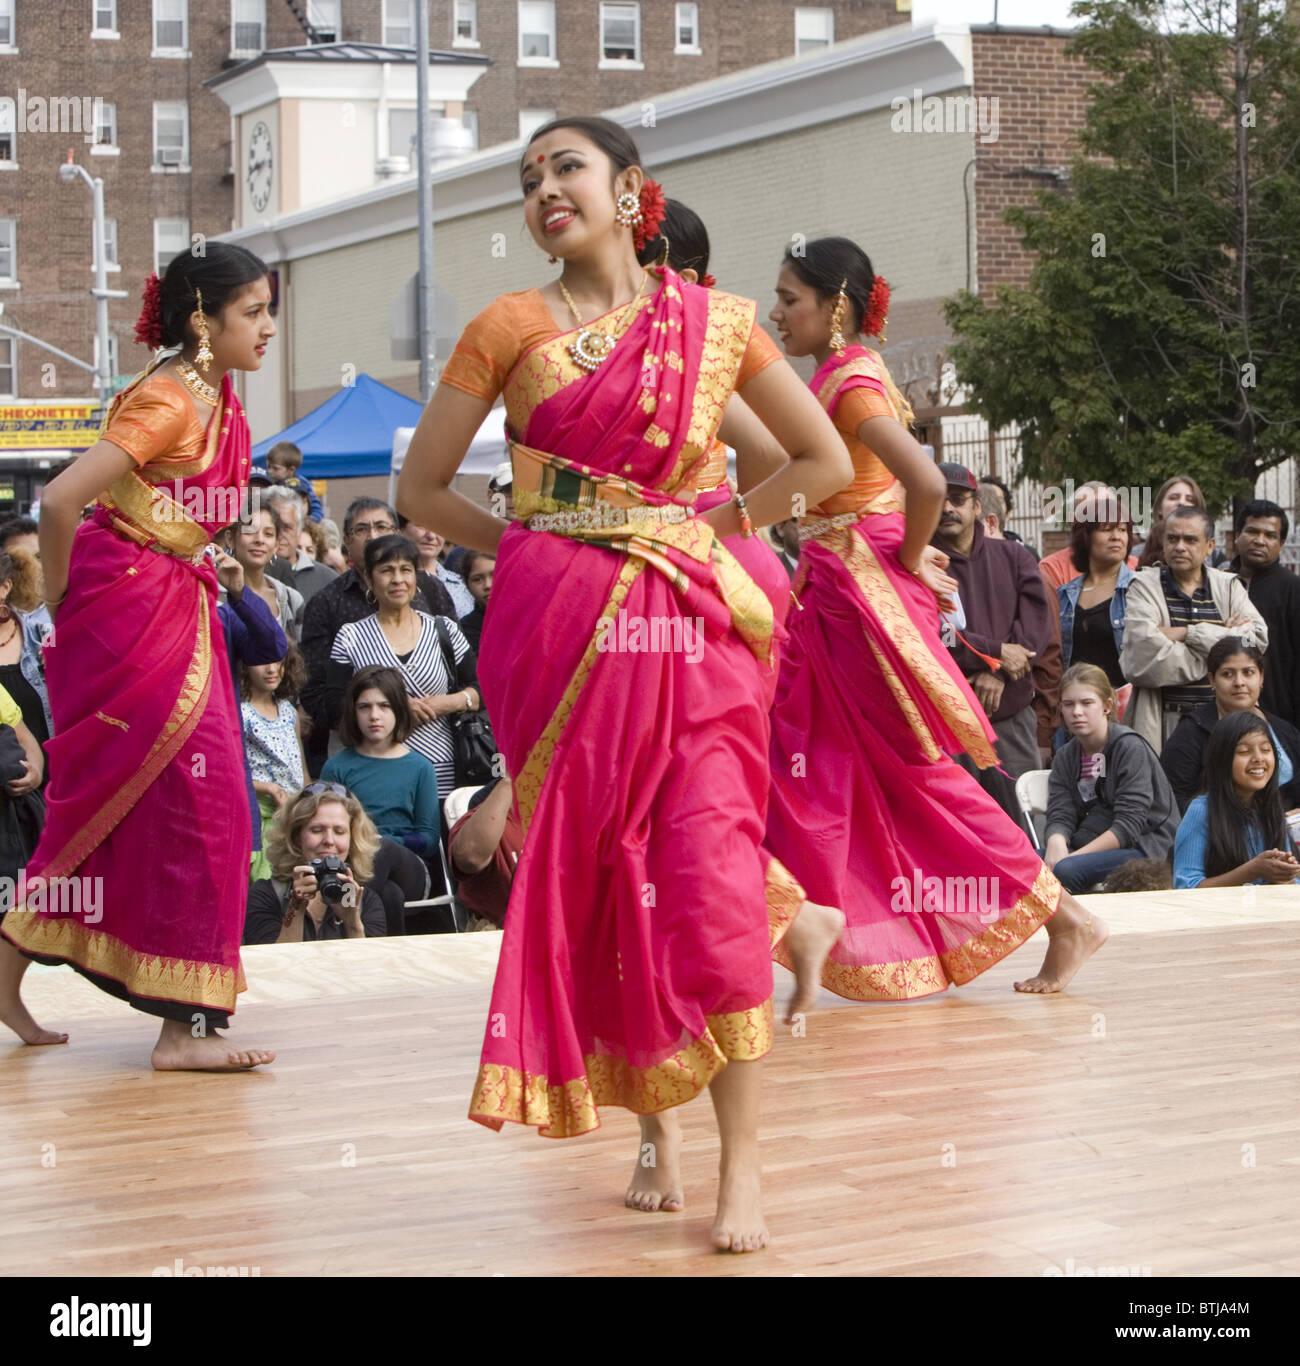 Bangladesh rendimiento americana grupo realiza en un festival de las culturas del mundo en Brooklyn, Nueva York. Imagen De Stock